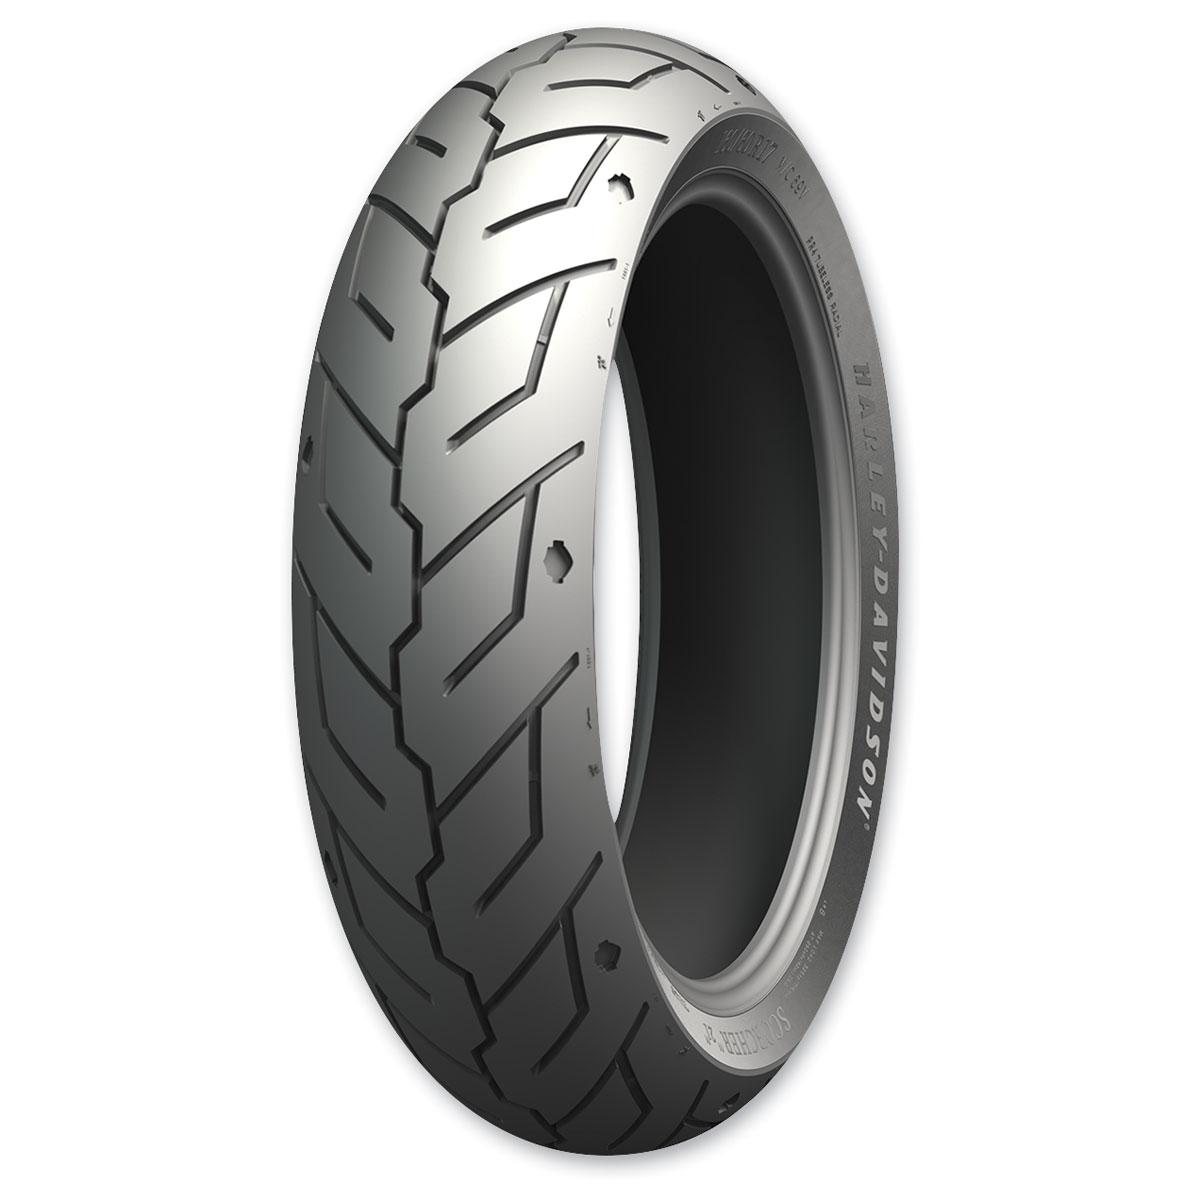 Michelin Scorcher 21 160/60R17 Rear Tire